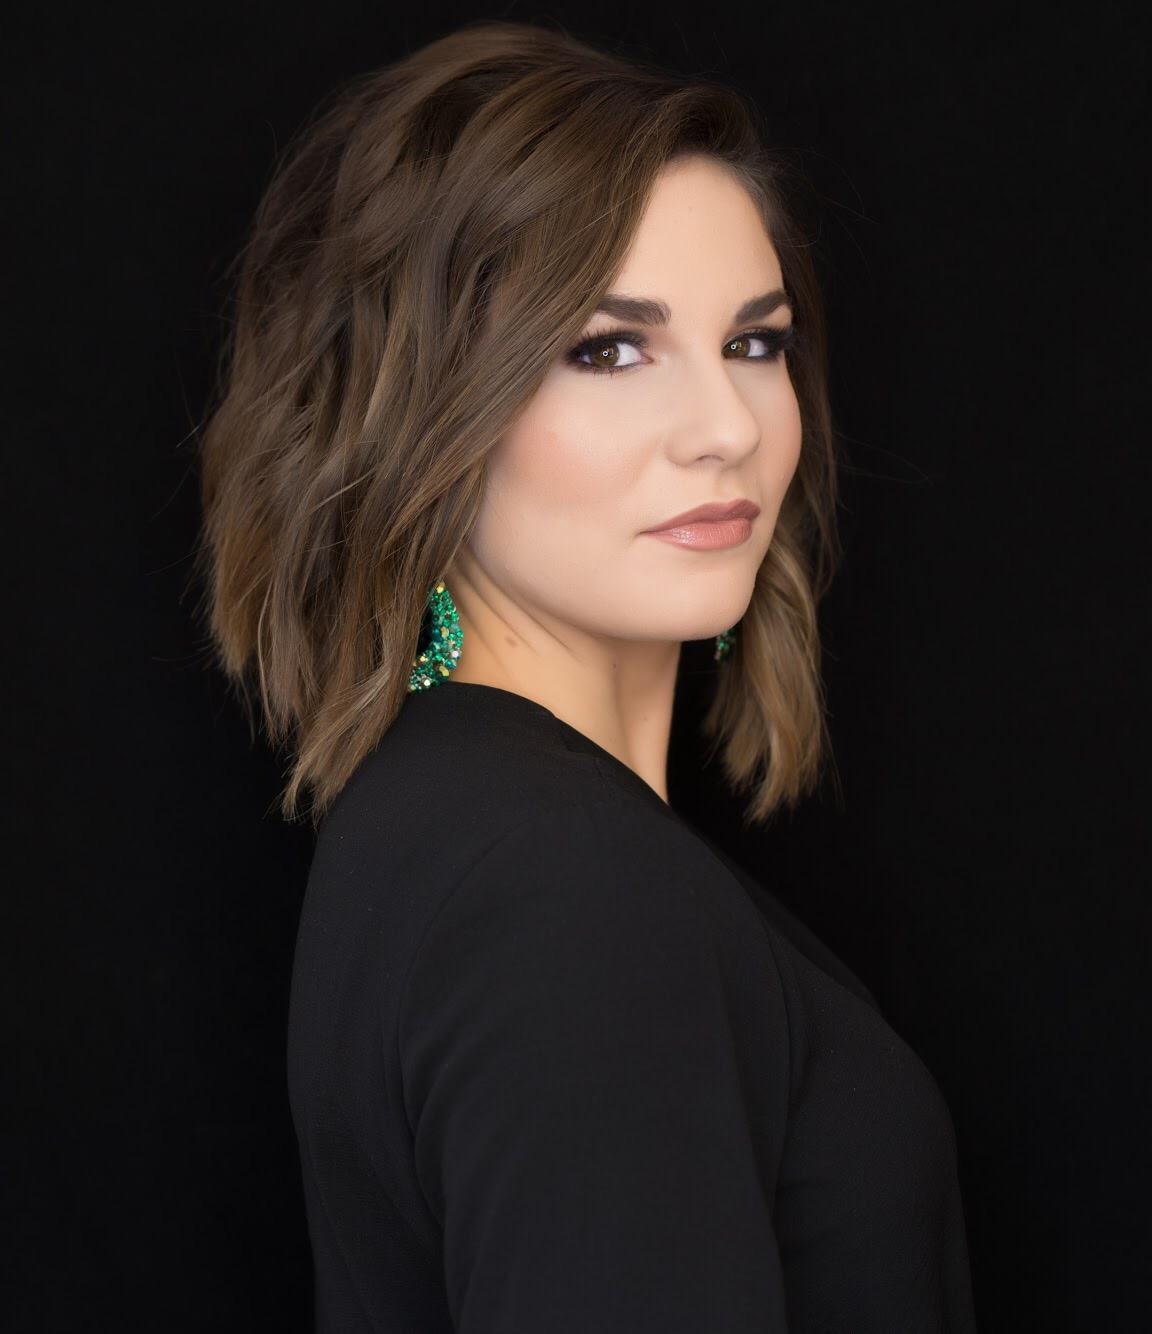 Allison Baird - Miss Star City